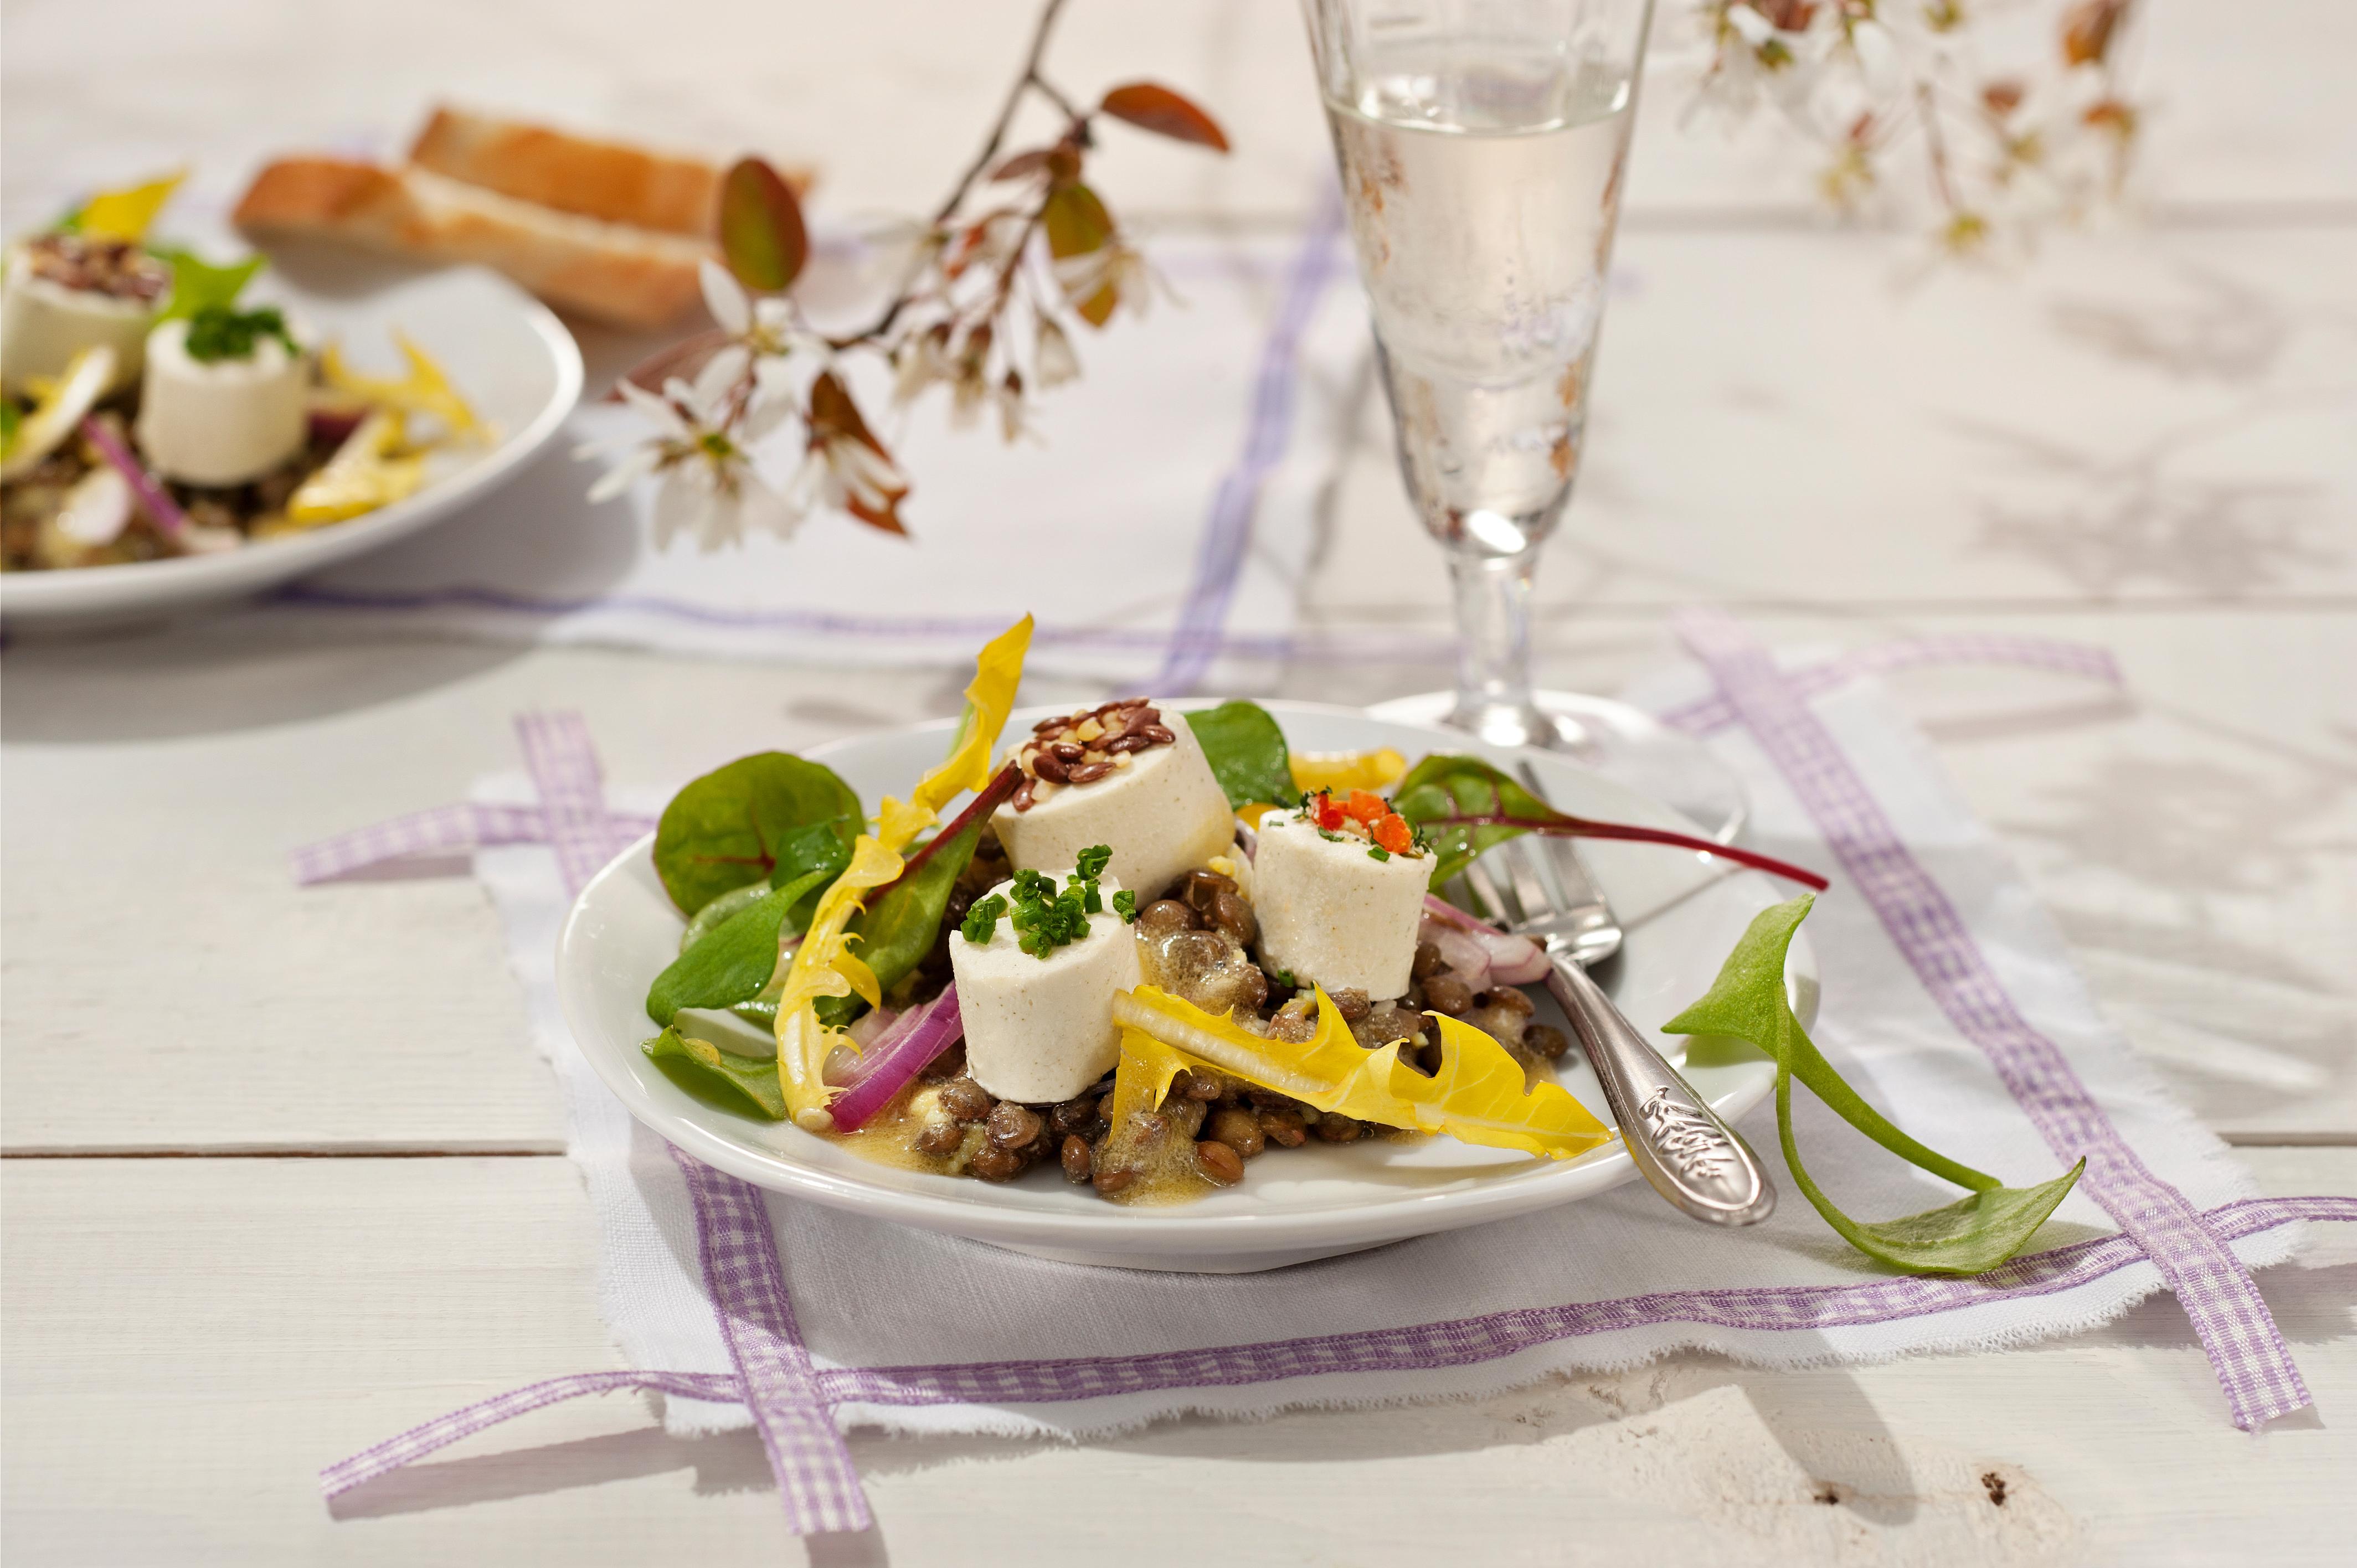 Bresso Antipasti Kräuter auf Linsen-Salat - genussvoll kochen